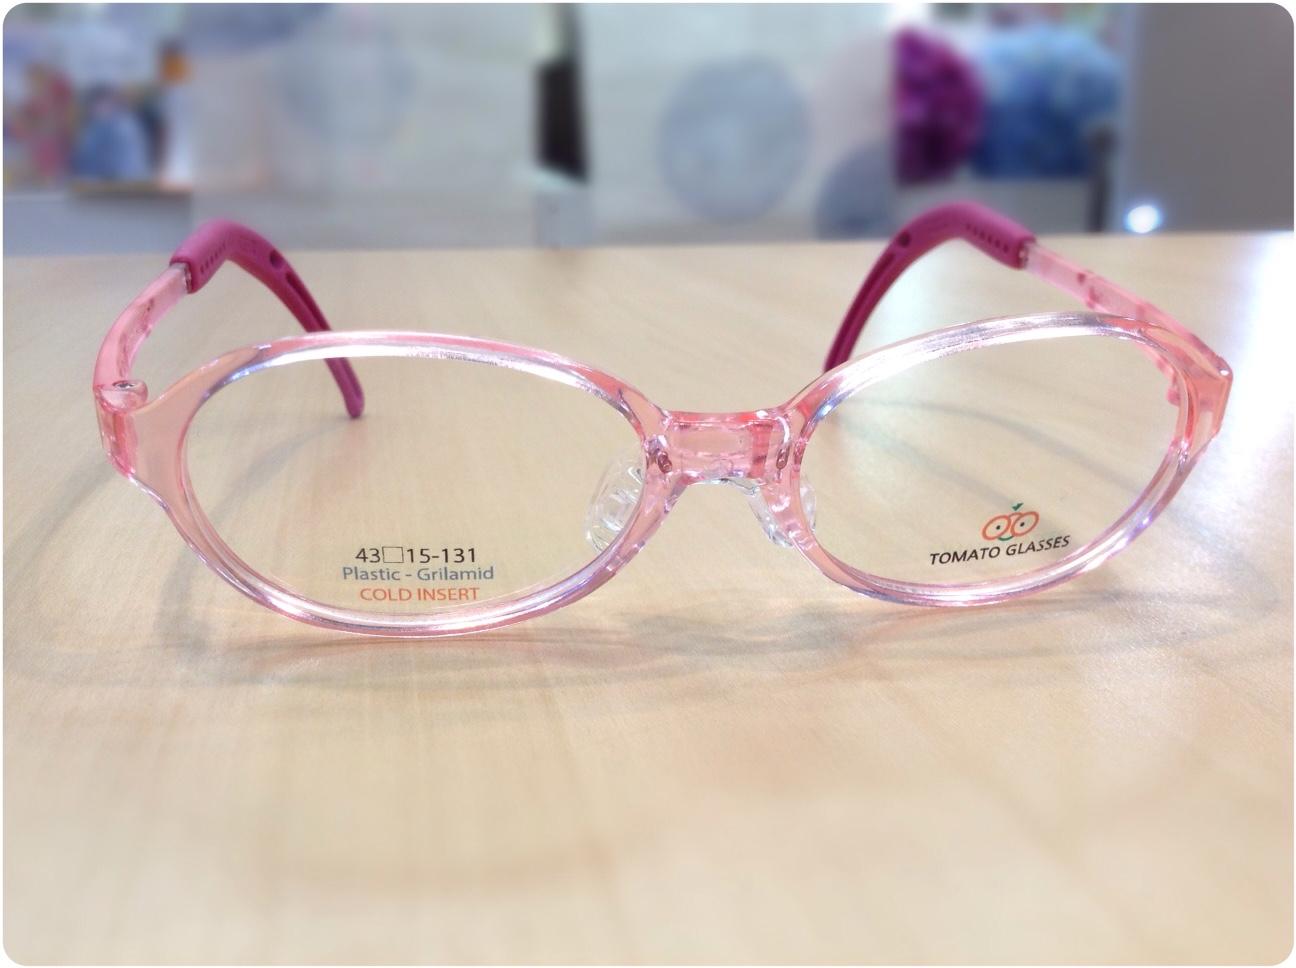 トマトグラッシーズ 品番:TKAC14 カラー:PK/CPKハート レンズサイズ:43ミリ